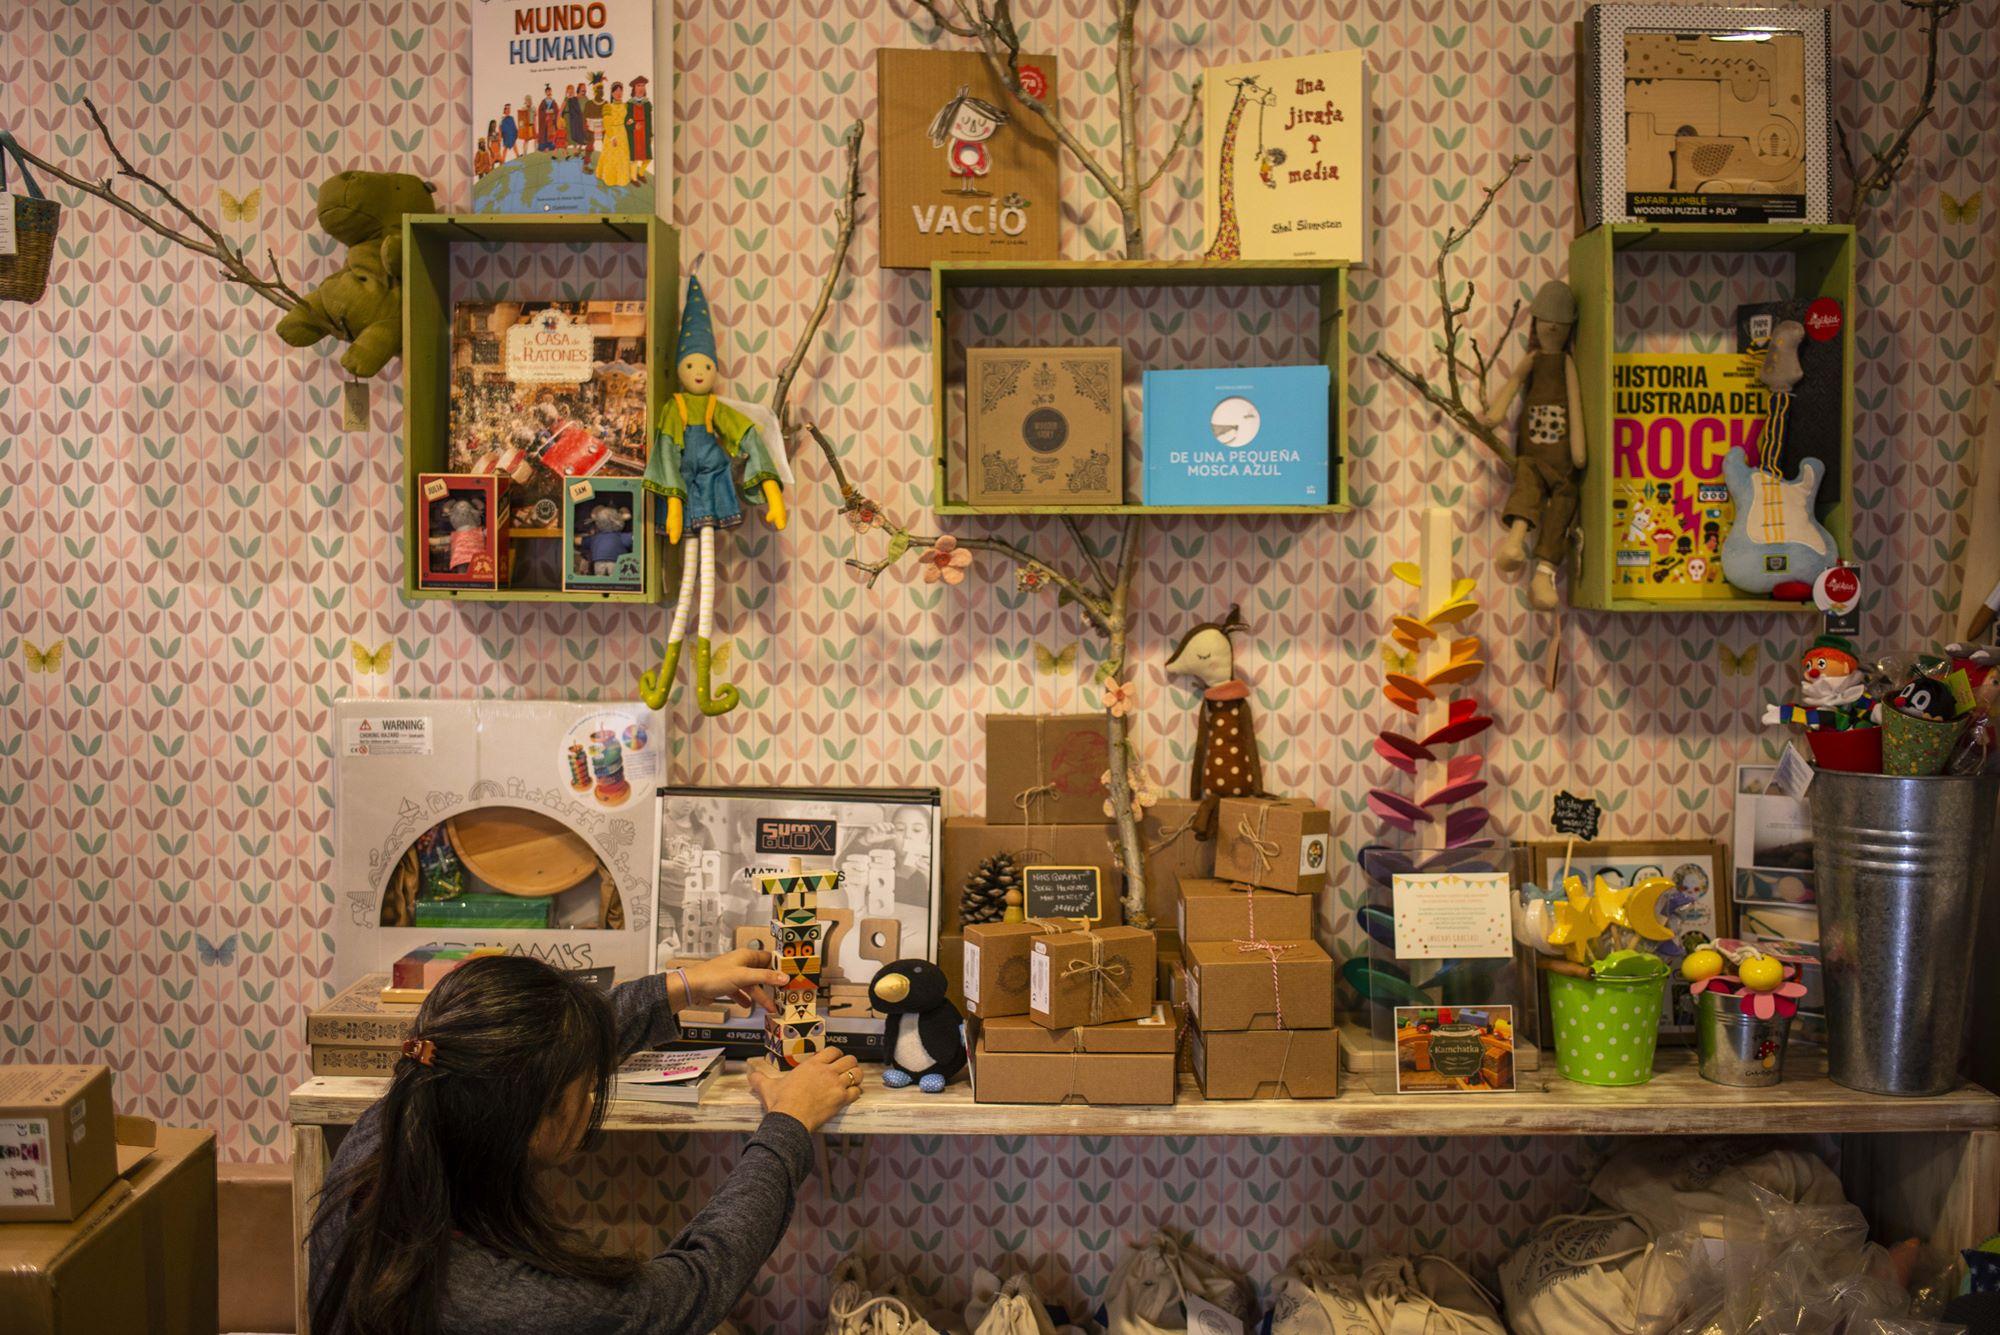 Libros, juegos de mesa y muñecos conforman la mayoría de la oferta de 'Kamchatka'.